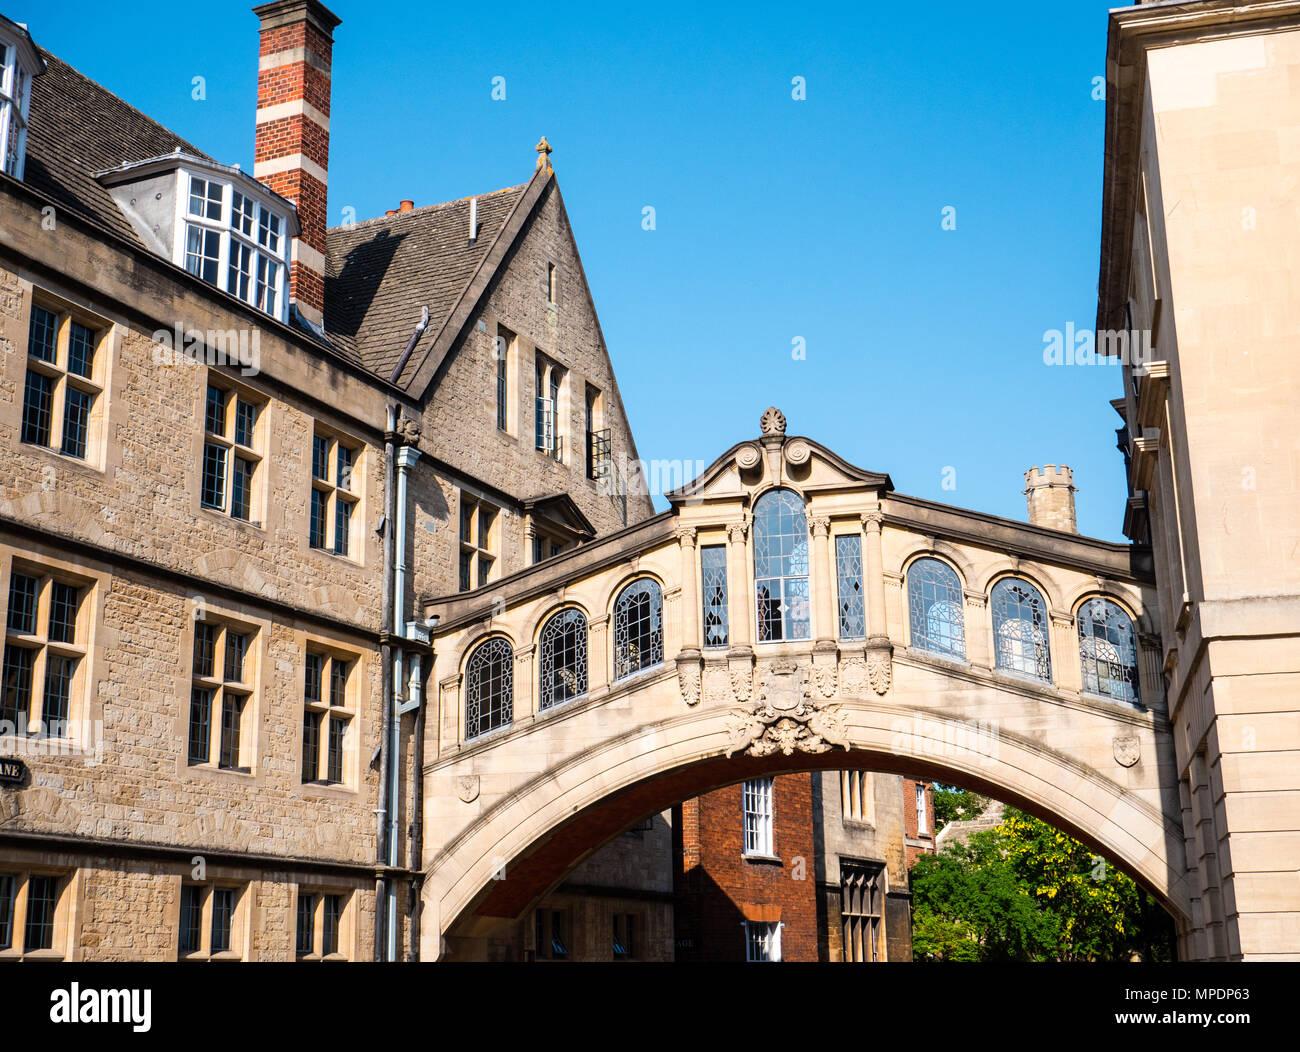 Puente de los Suspiros, Skyway, Hertford College, New College Lane, Oxford, Oxford, Inglaterra, Reino Unido, GB. Imagen De Stock